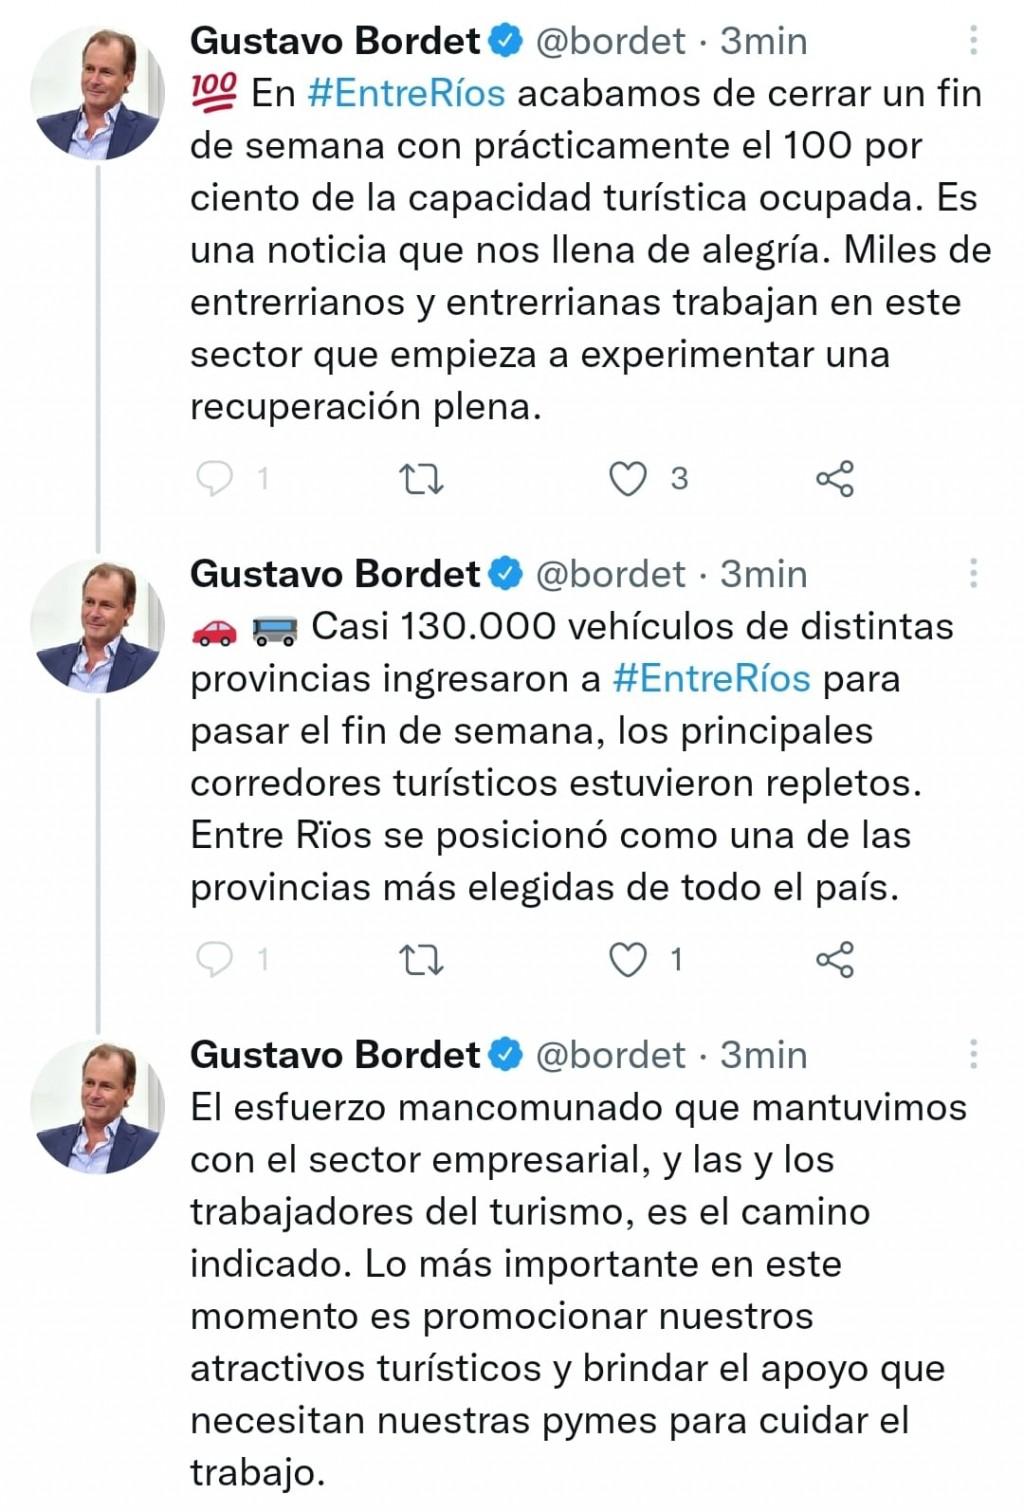 OPINO EL GOBERNADOR DE LA PROVINCIA GUSTAVO BORDET RESPECTO DEL TURISMO EN EL DINDE EXTRA LARGO